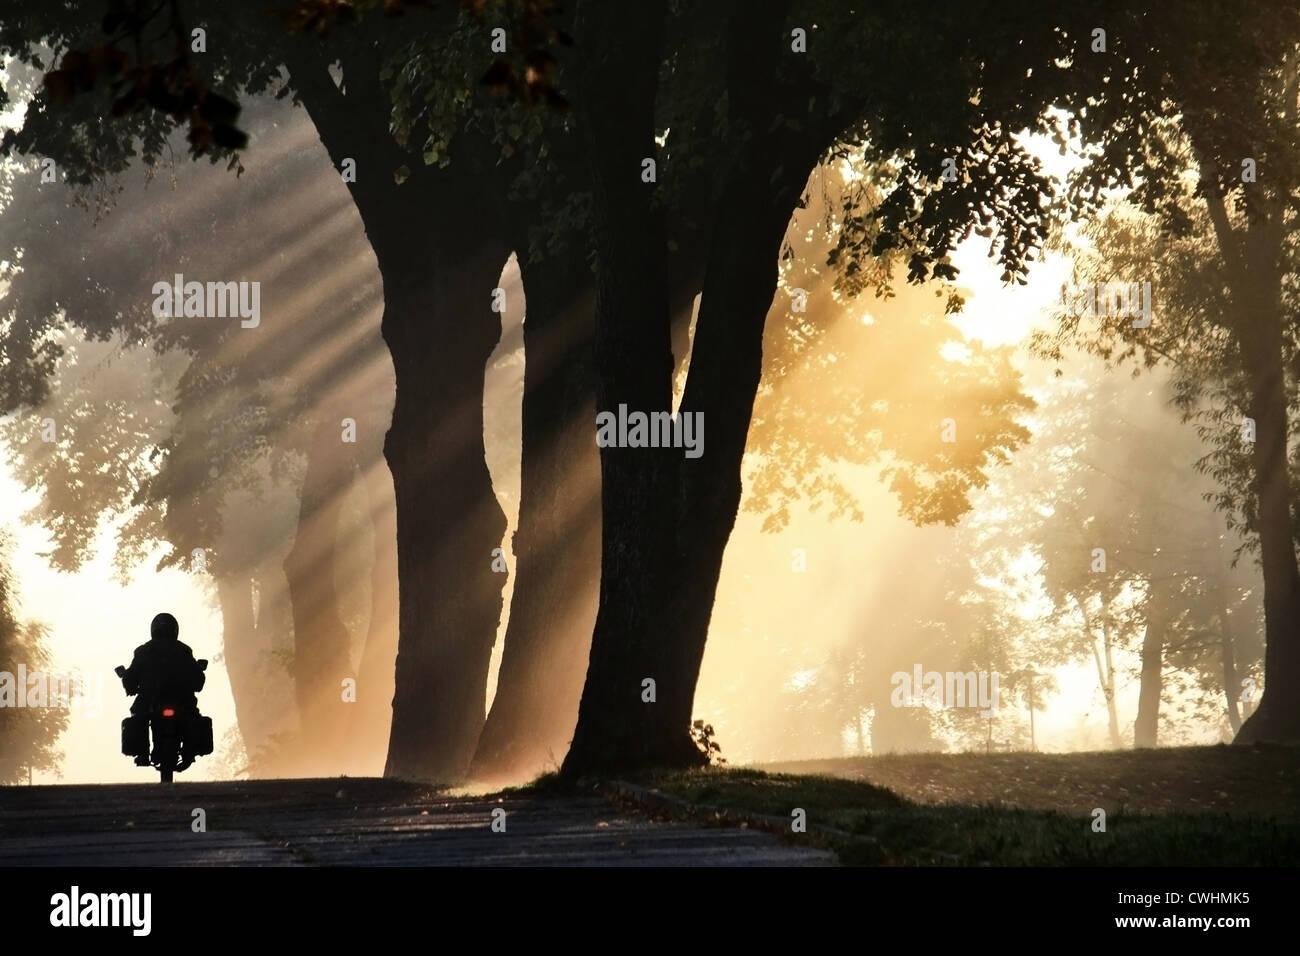 La luce del sole,moto,Road,moto tour,nebbia Immagini Stock